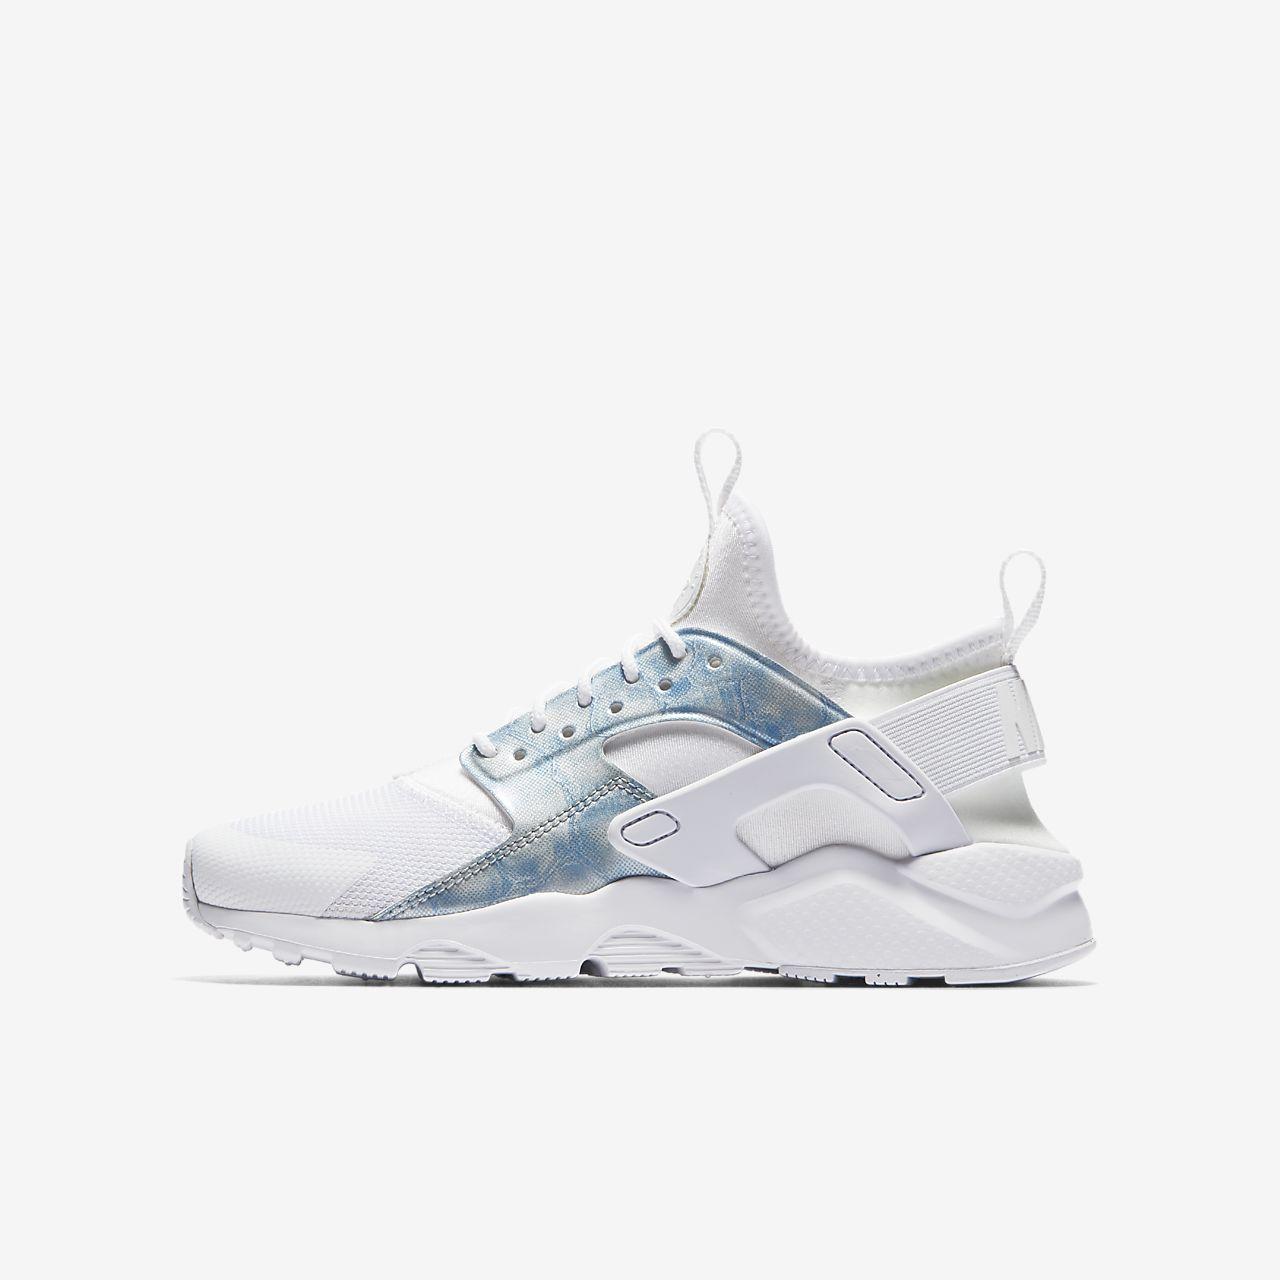 ... Nike Air Huarache Ultra Older Kids' Shoe